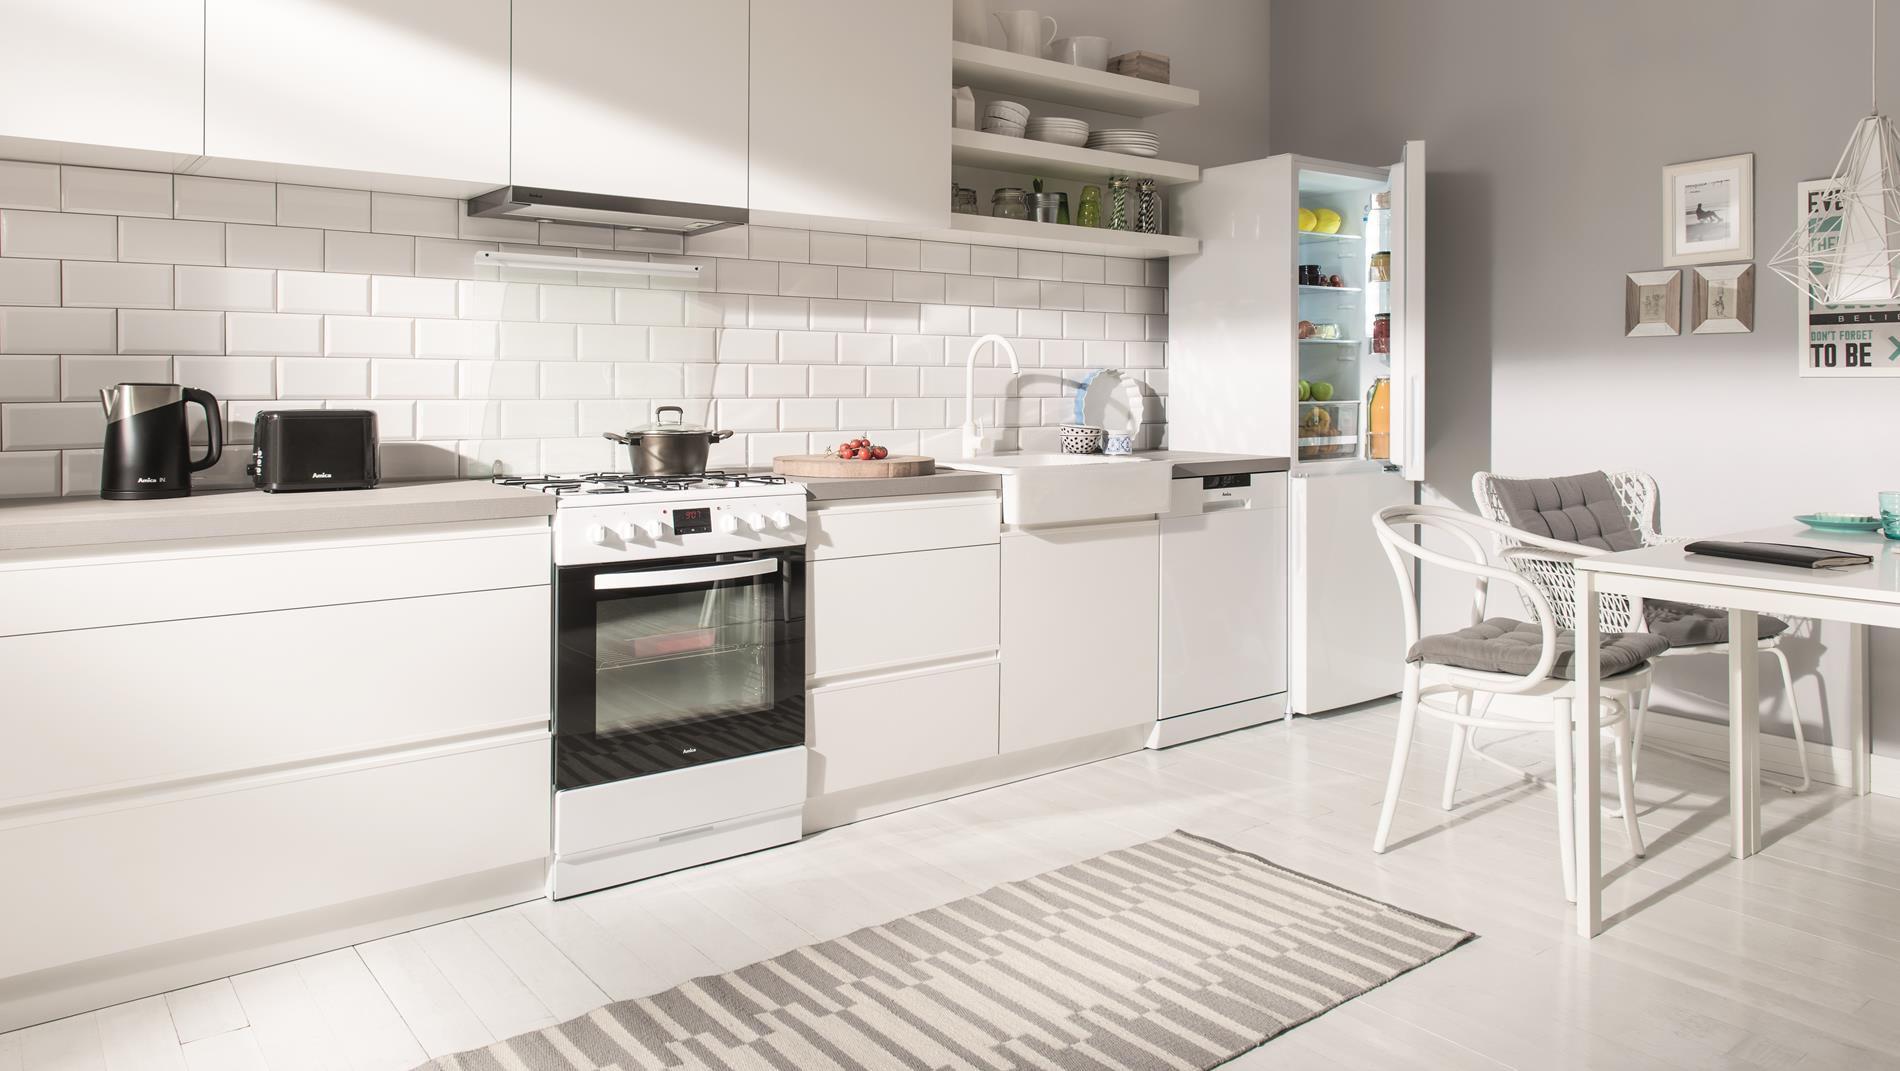 Kuchnia wolnostojąca gazowo elektryczna 600 620GE3 33ZpTaDpNQ(W)  Amica -> Kuchnia Elektryczna Wolnostojąca Amica